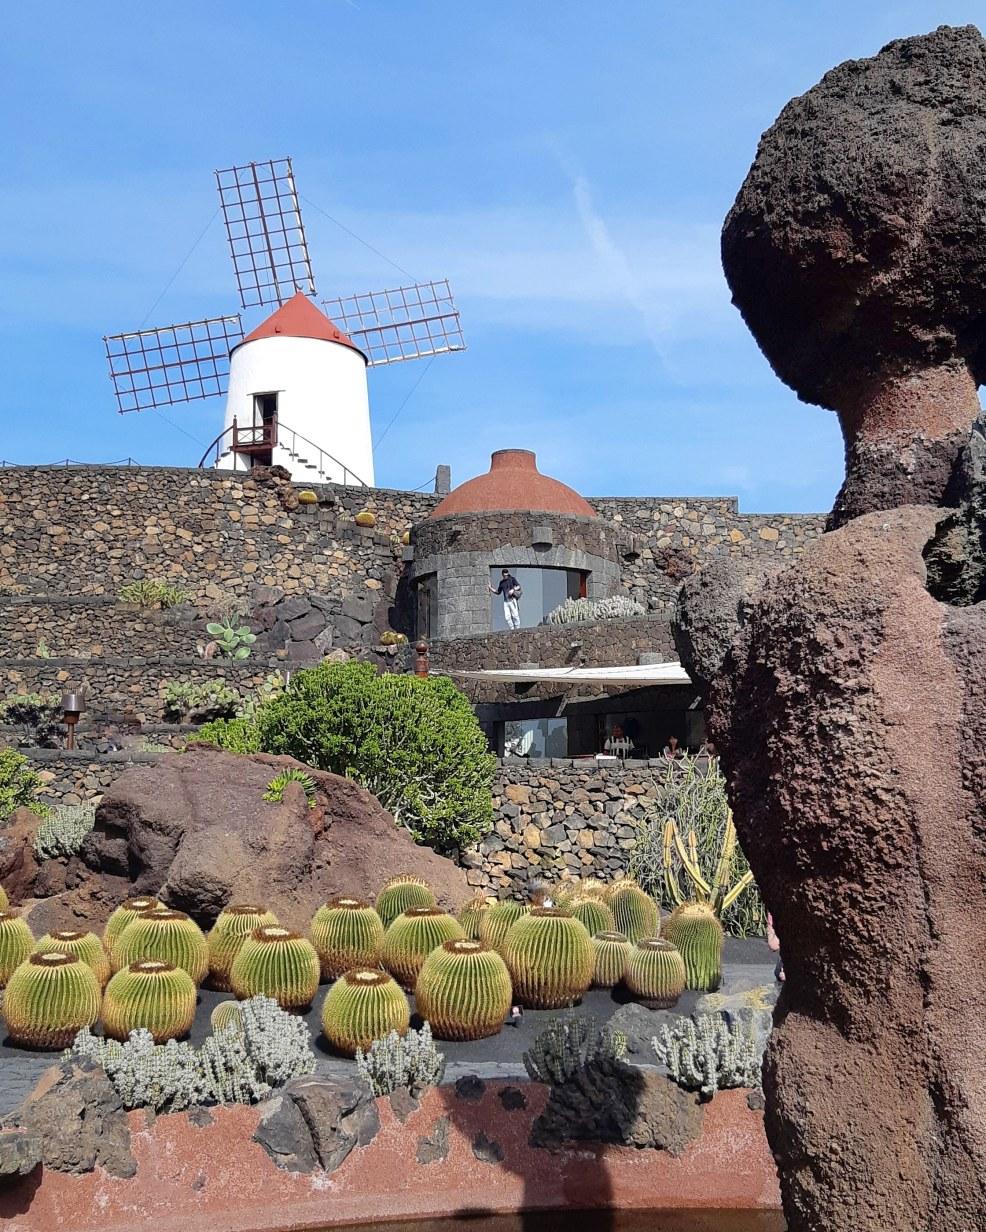 Lanzarote _ Jardin de Cactus_26.jpg